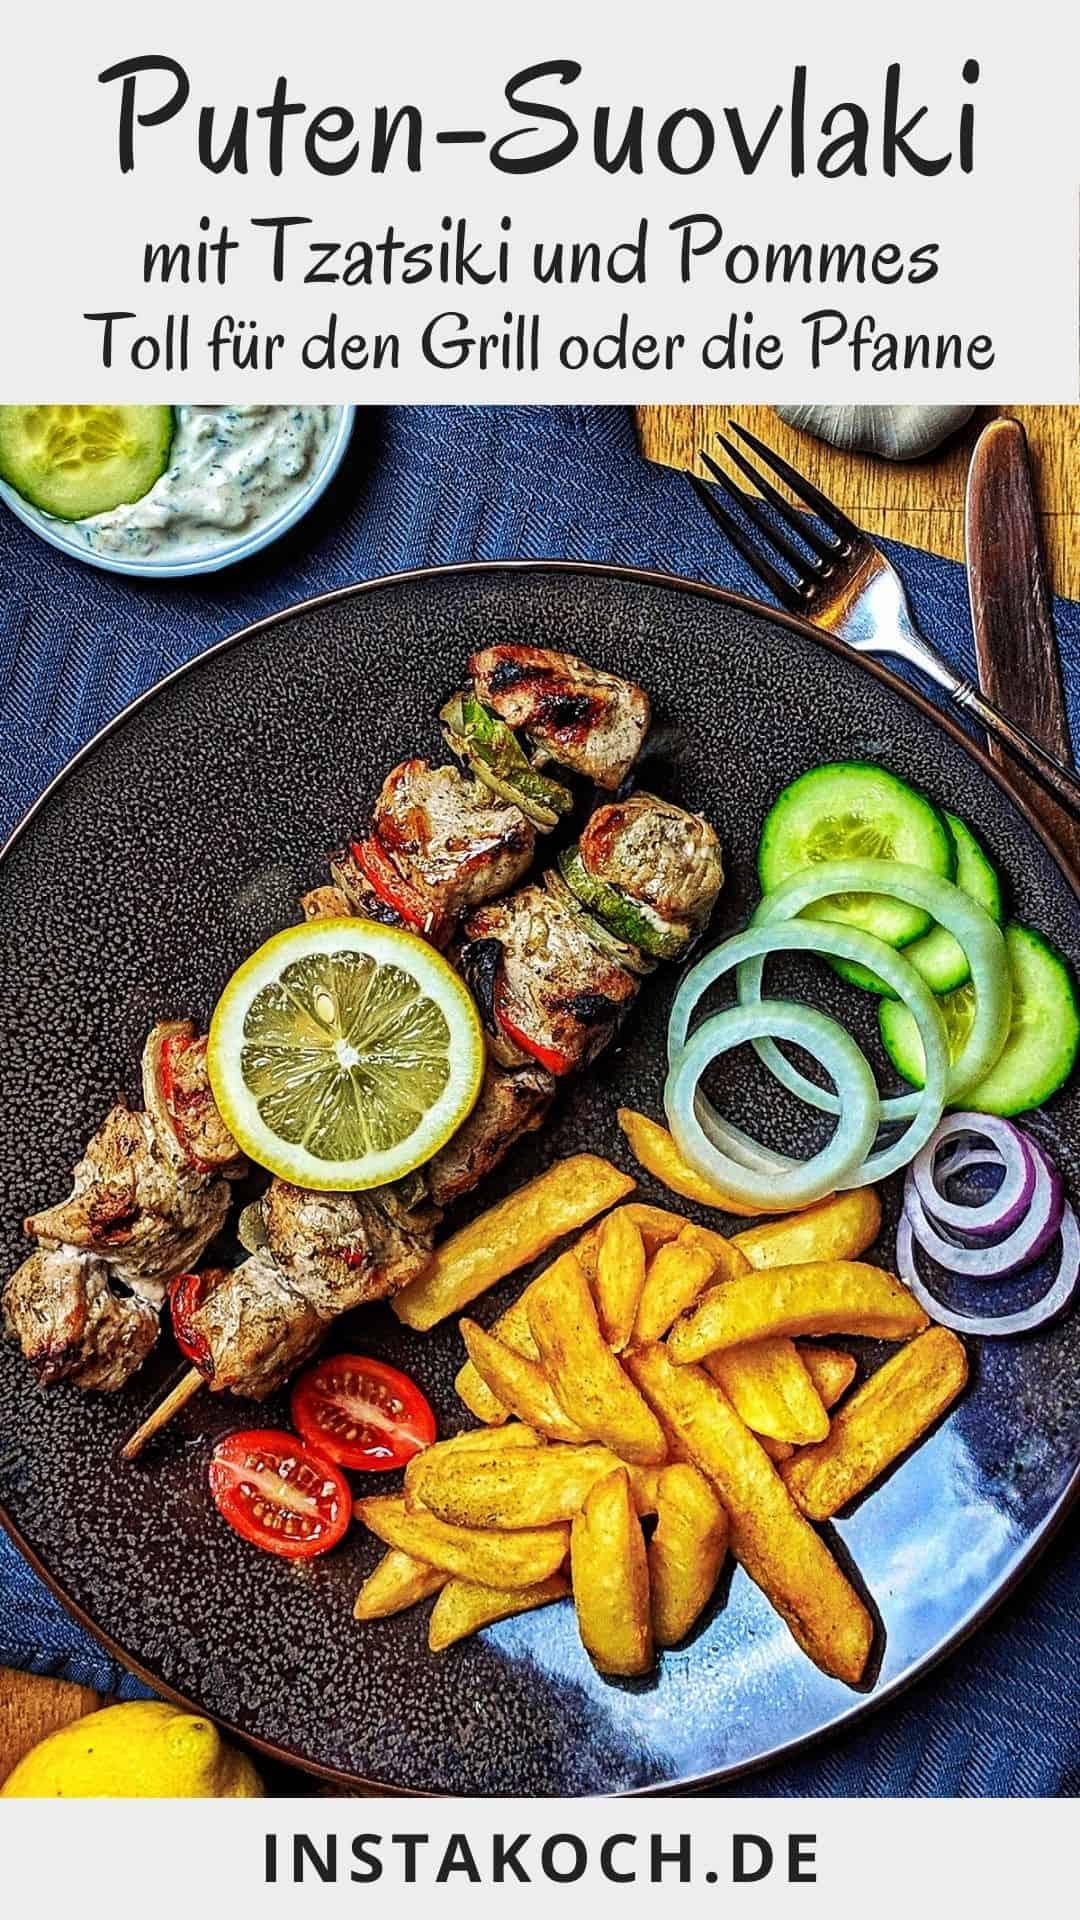 Ein dunkler Teller mit Souvláki Spießen, Pommes und einer Salatgarnitur. Darüber ein Schälchen mit Tsatsiki.